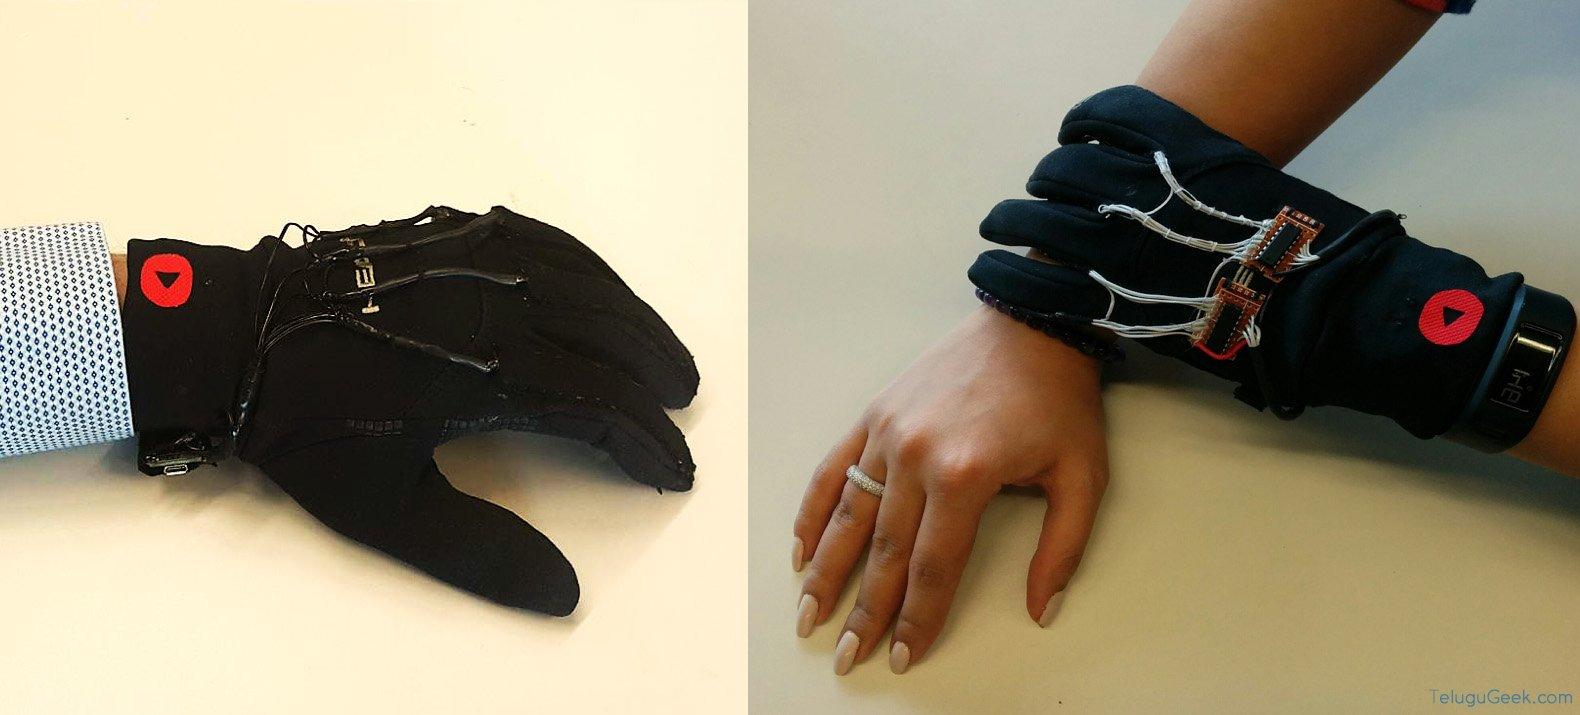 Flex-n-Feel: ప్రియమైన వారి ఆత్మీయ స్పర్శను అందించే గ్లోవ్స్